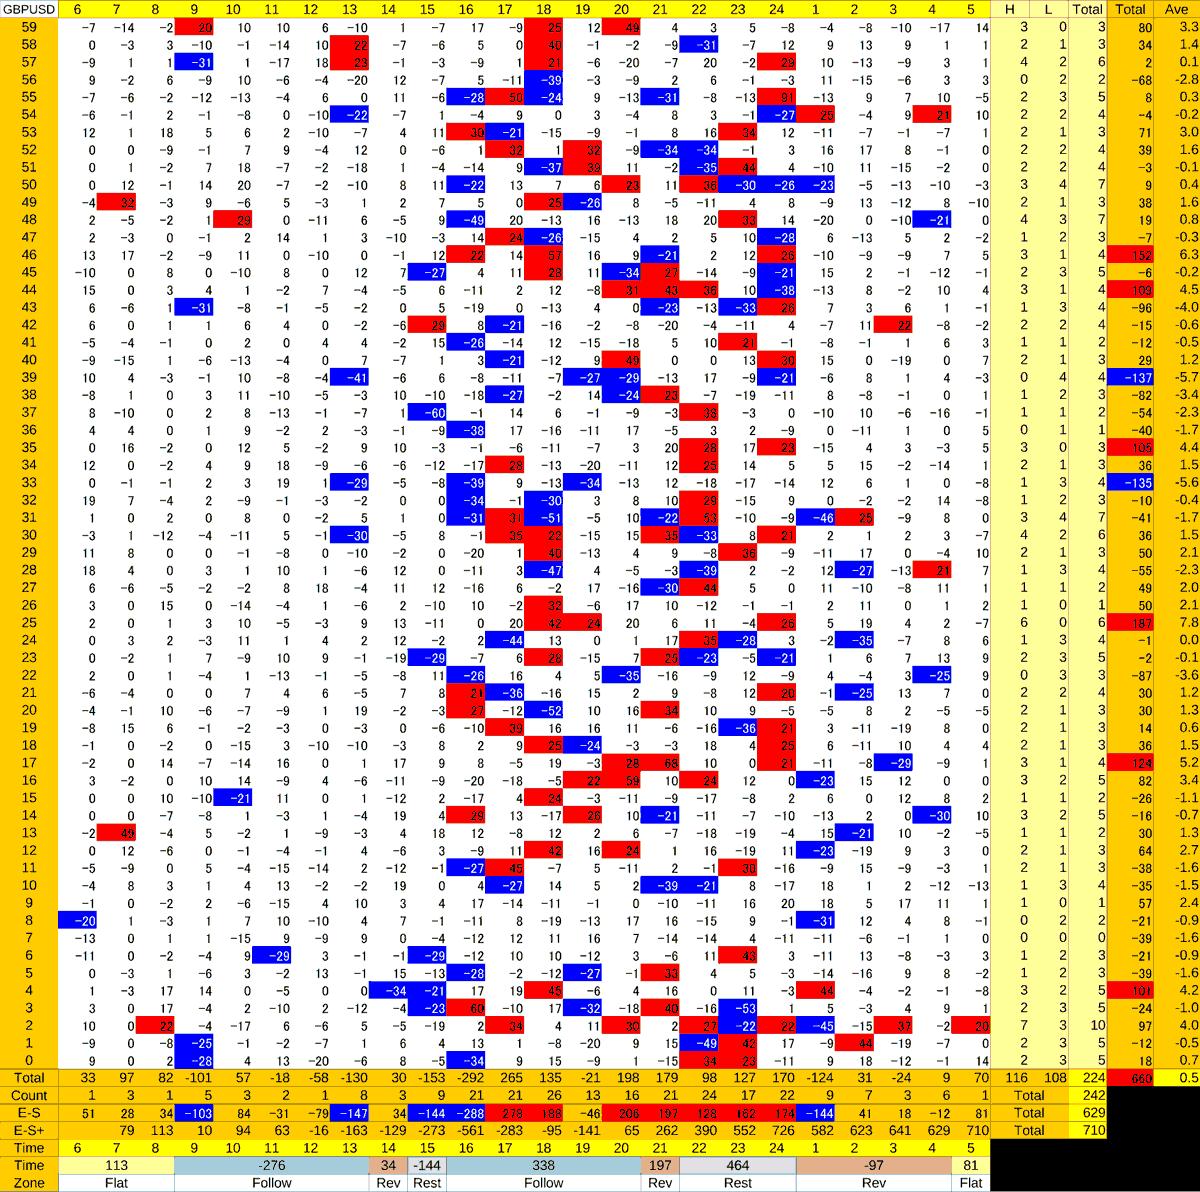 20210126_HS(2)GBPUSD